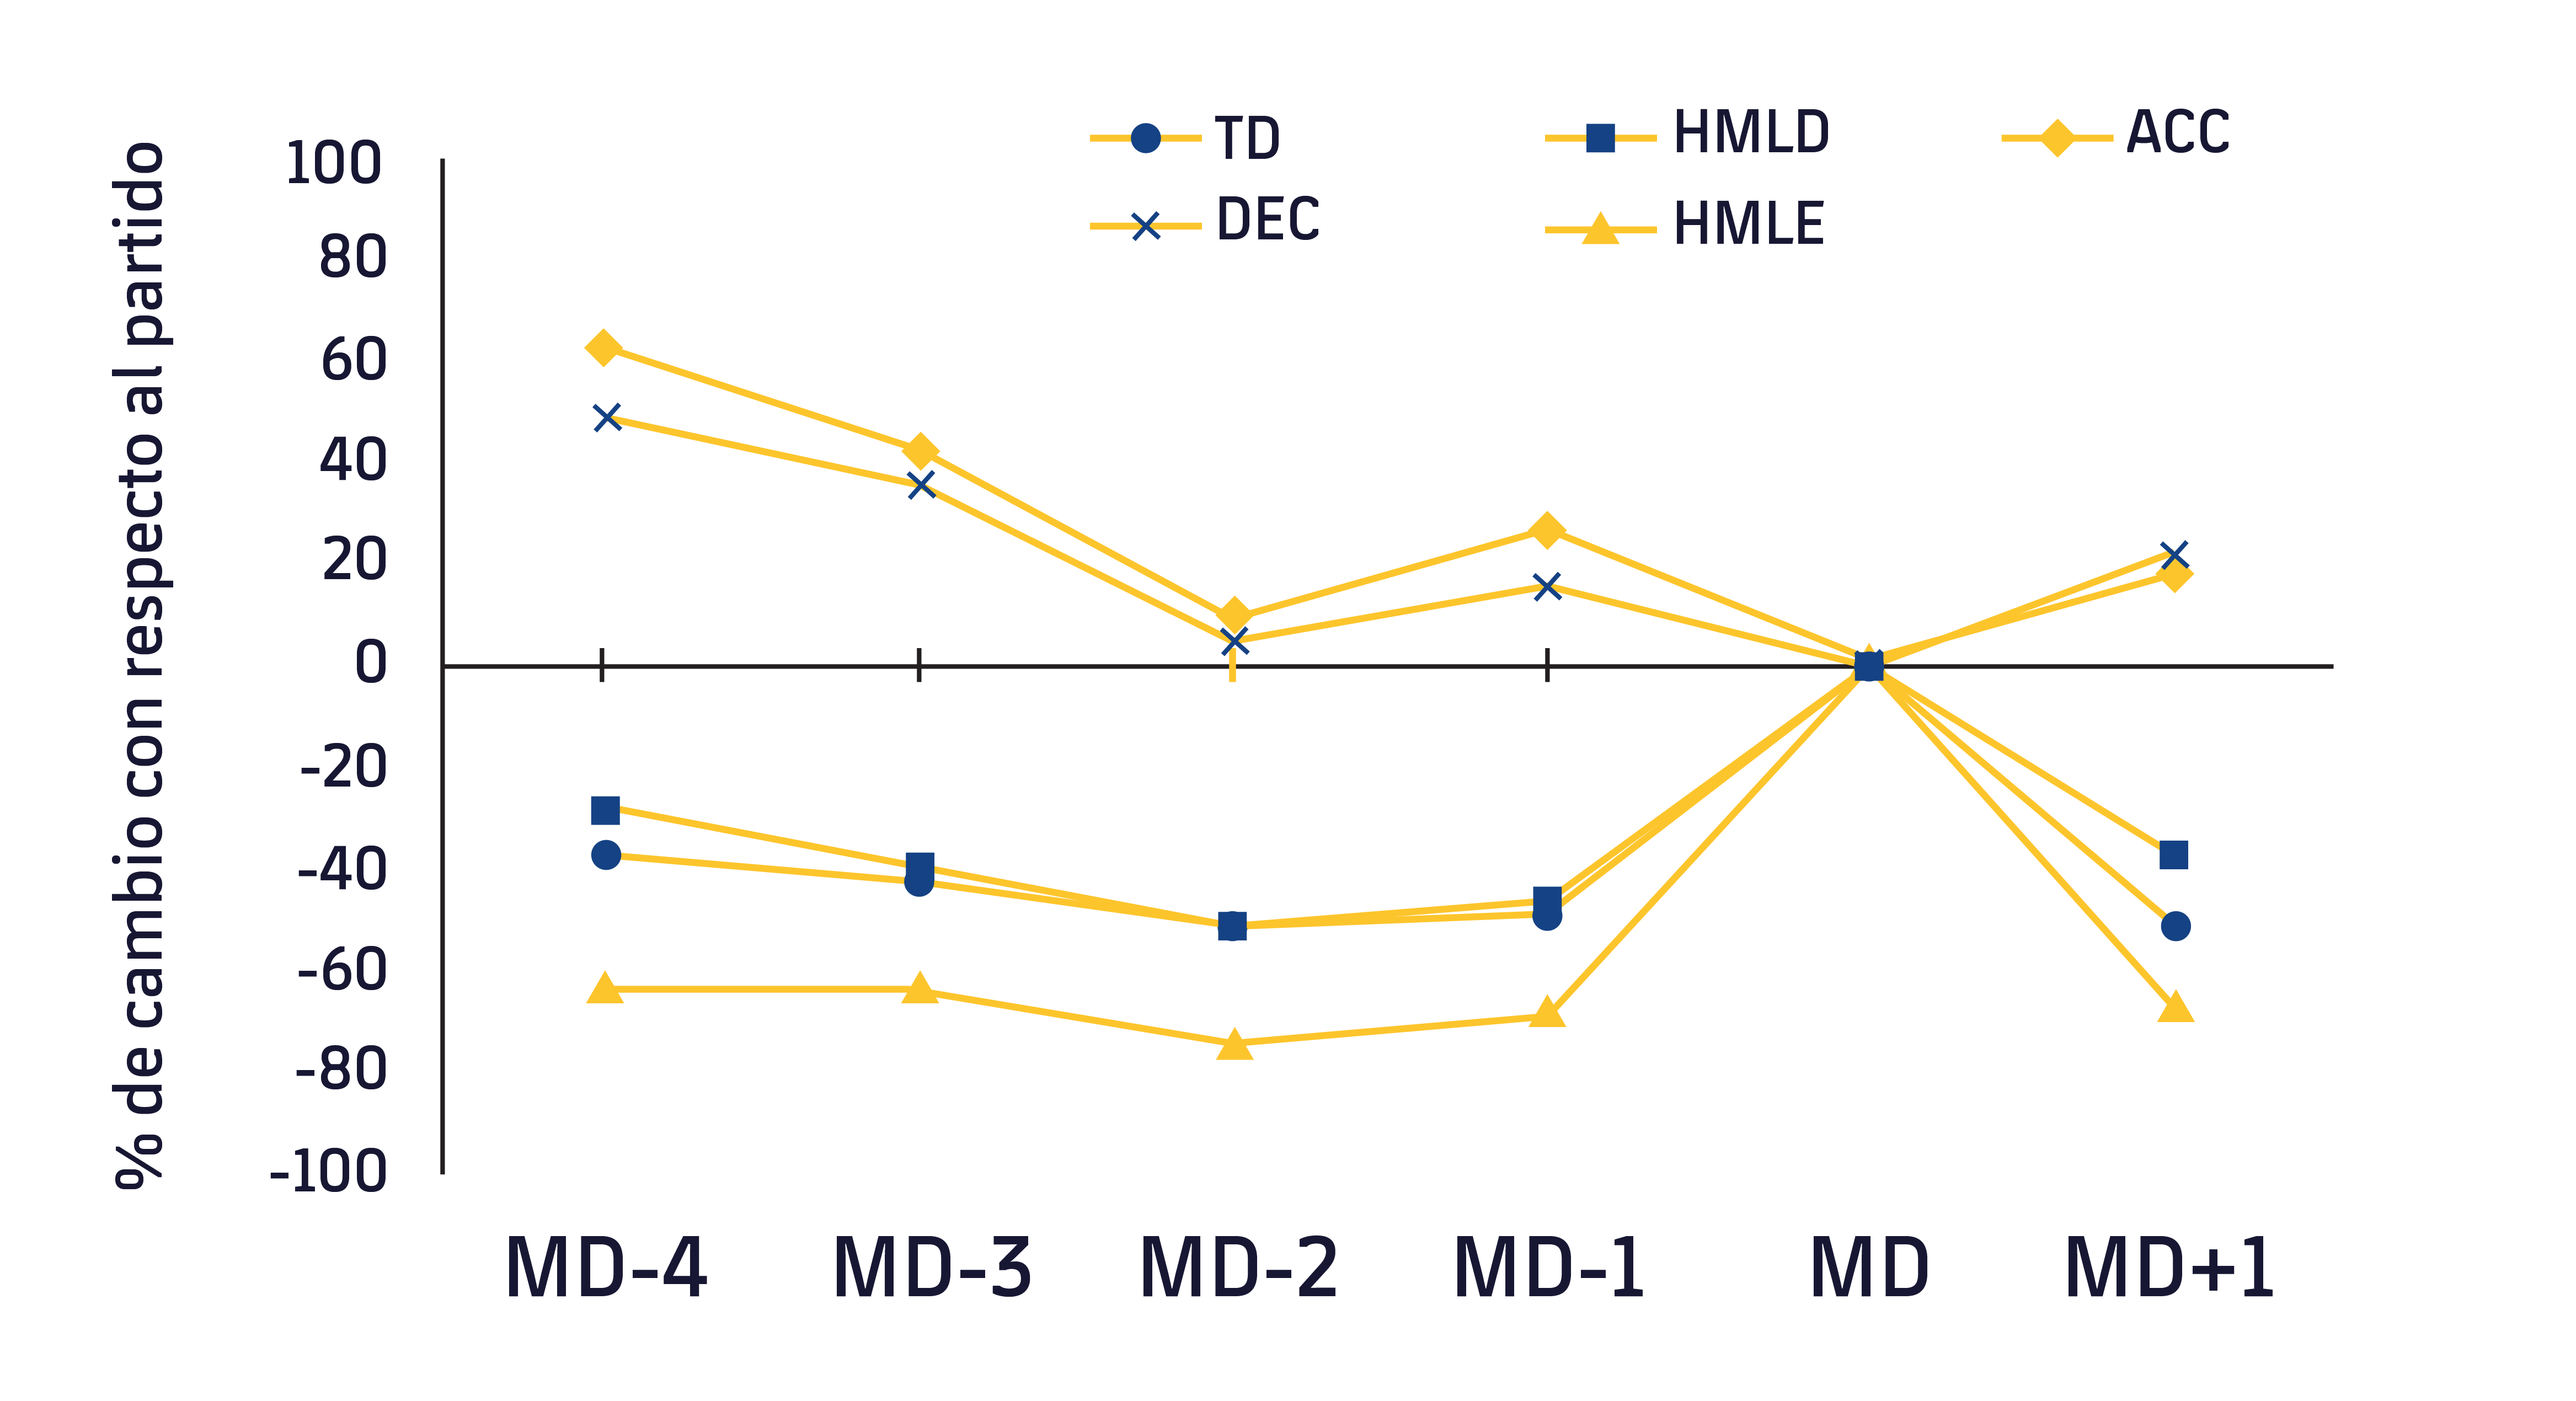 Figura 1. Evolución de las variables de carga externa con respecto al día de partido. TD, distancia total; HMLD, alta carga metabólica; HMLE; número de esfuerzos de alta carga metabólica; DEC; deceleraciones; ACC; aceleraciones. MD-4, 4 días antes del partido; MD-3, 3 días antes del partido; MD, día de partido. Adaptado de Moreno-Pérez V, et al.7